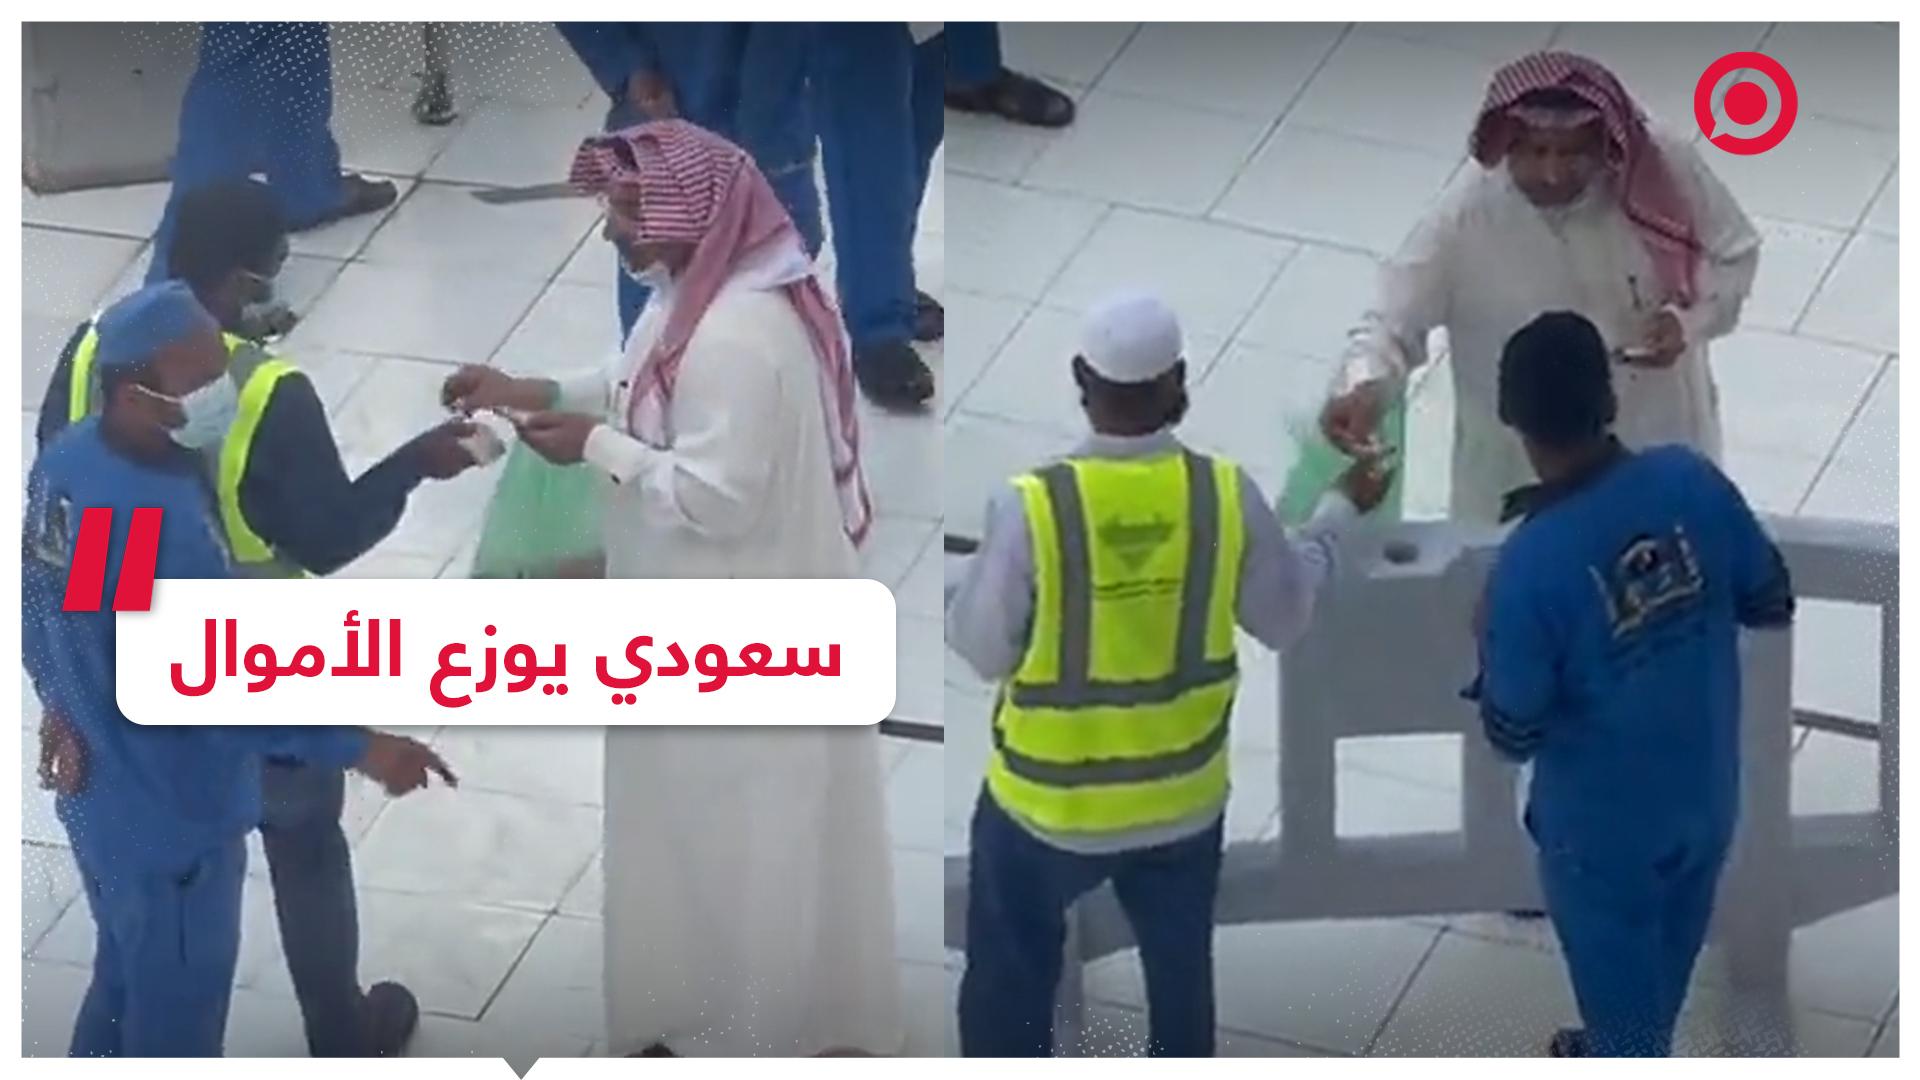 #السعودية #مكة